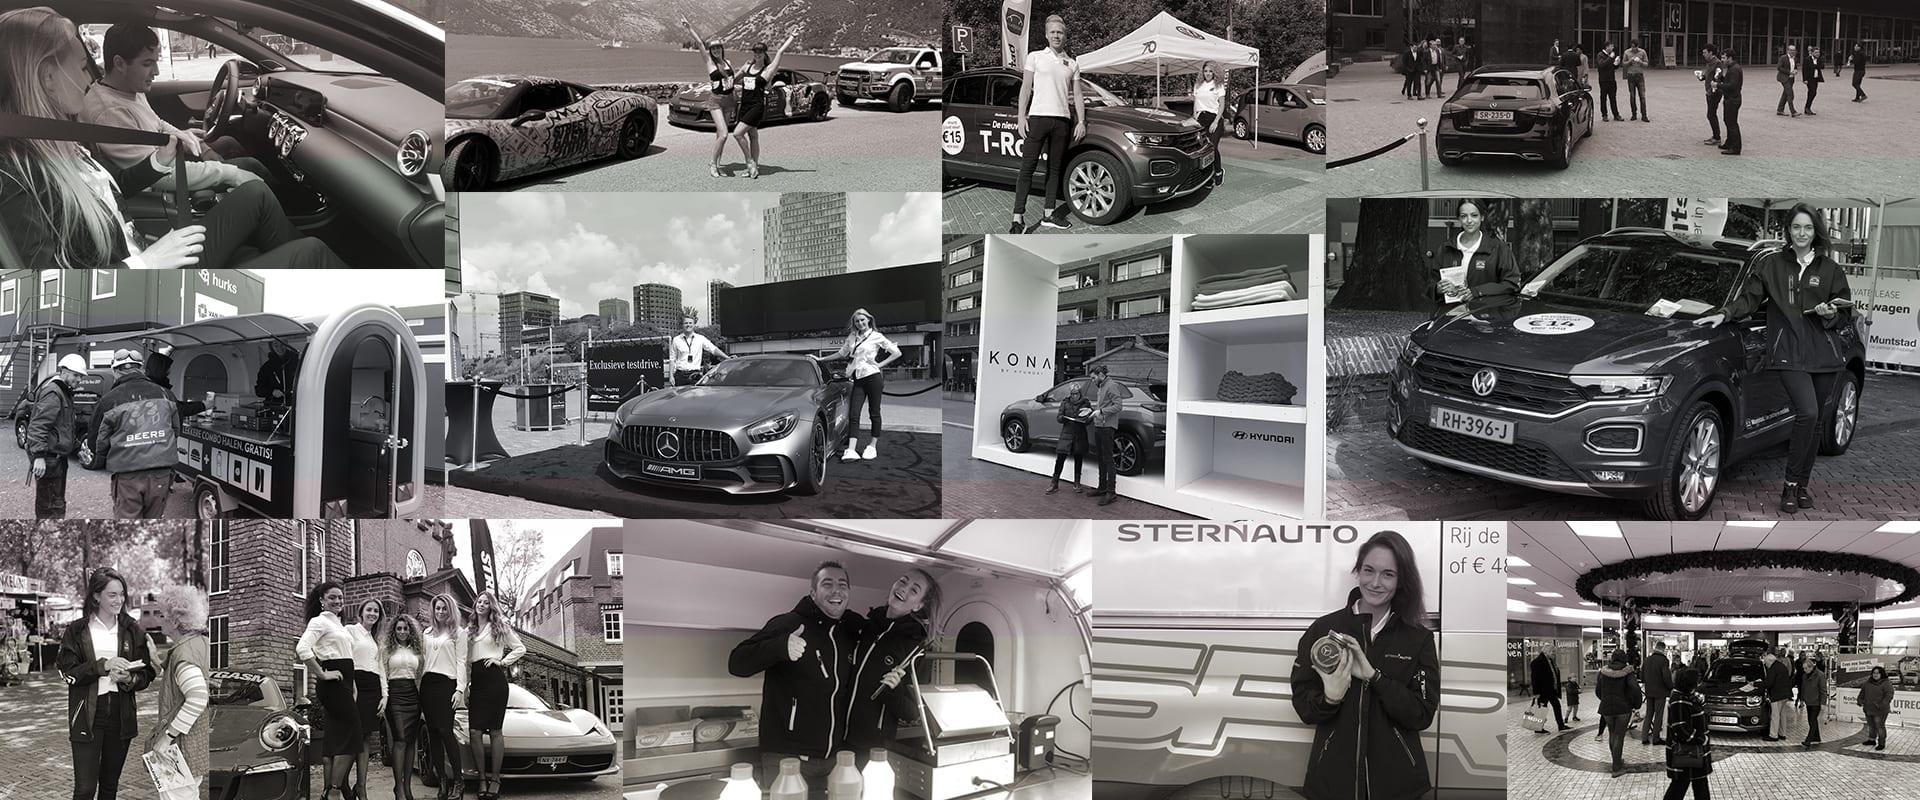 Automotive 2018: een geweldig jaar vol auto activatie!